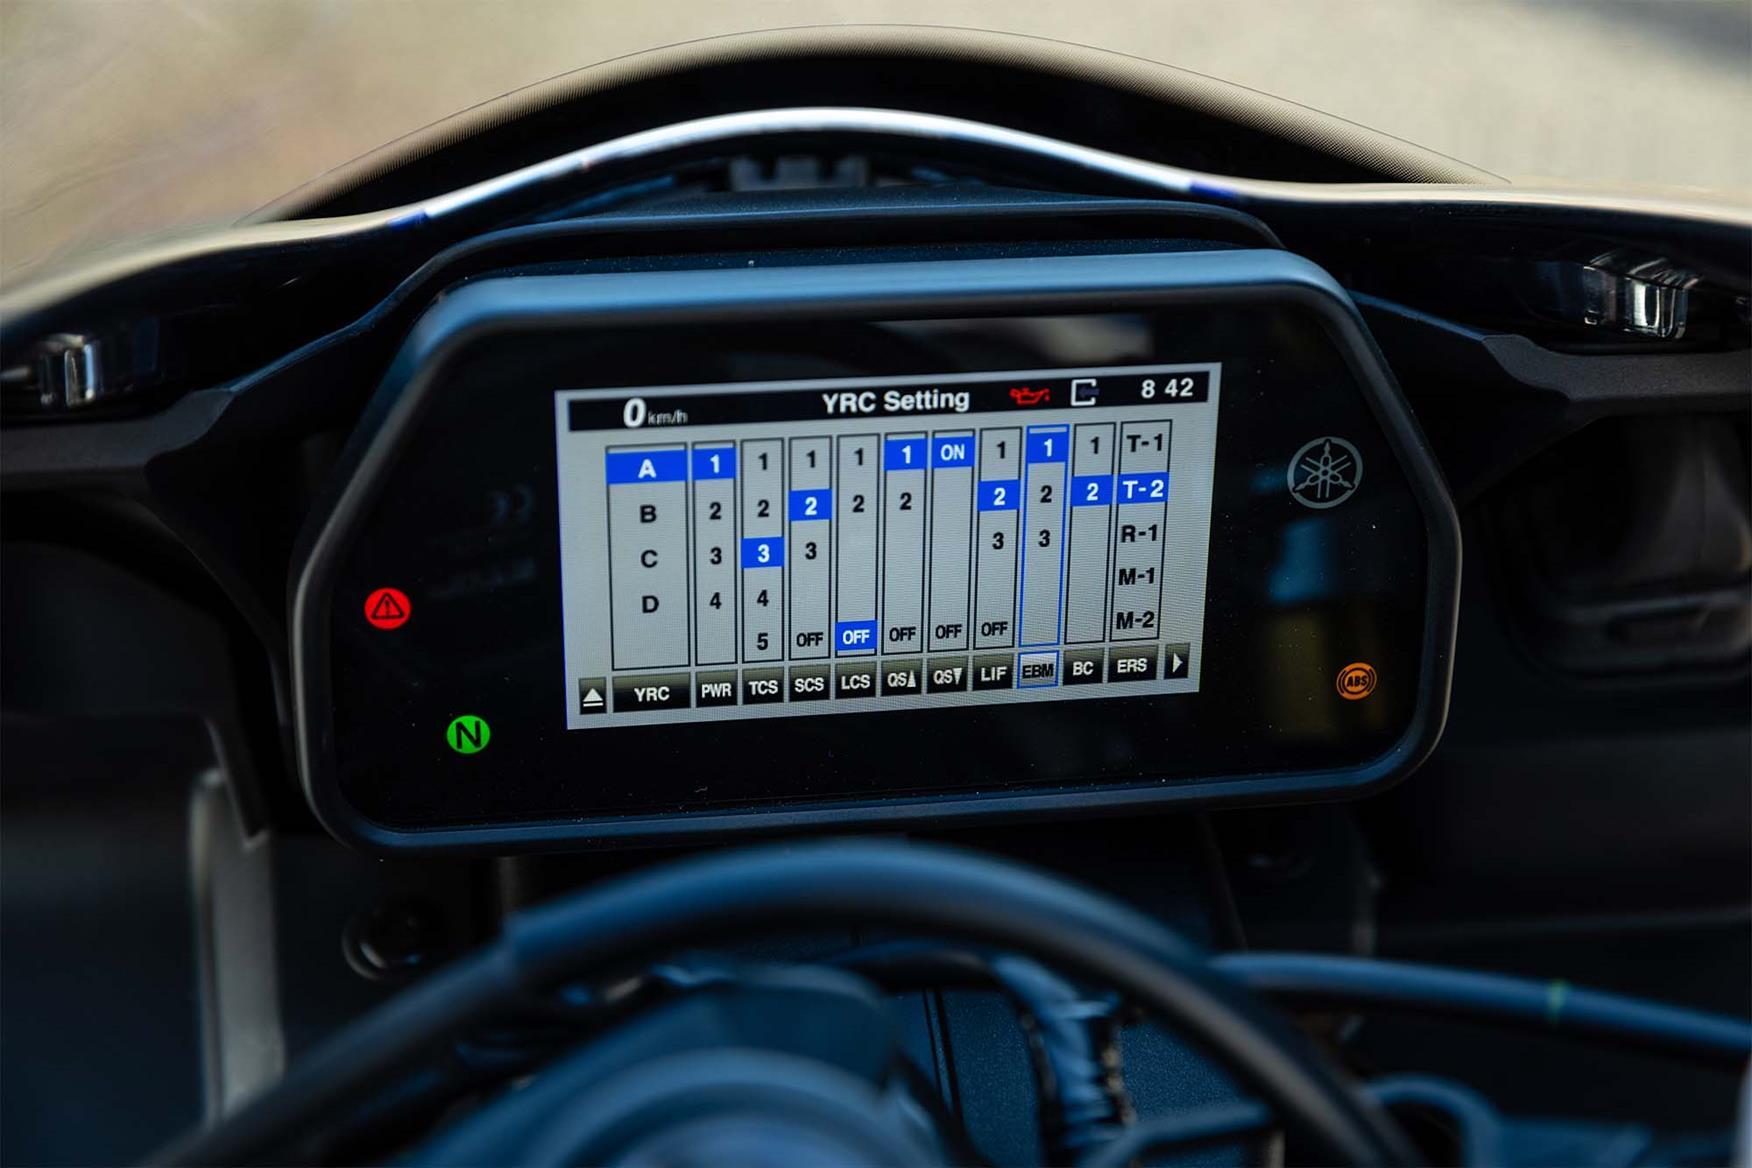 2020 Yamaha R1M clocks